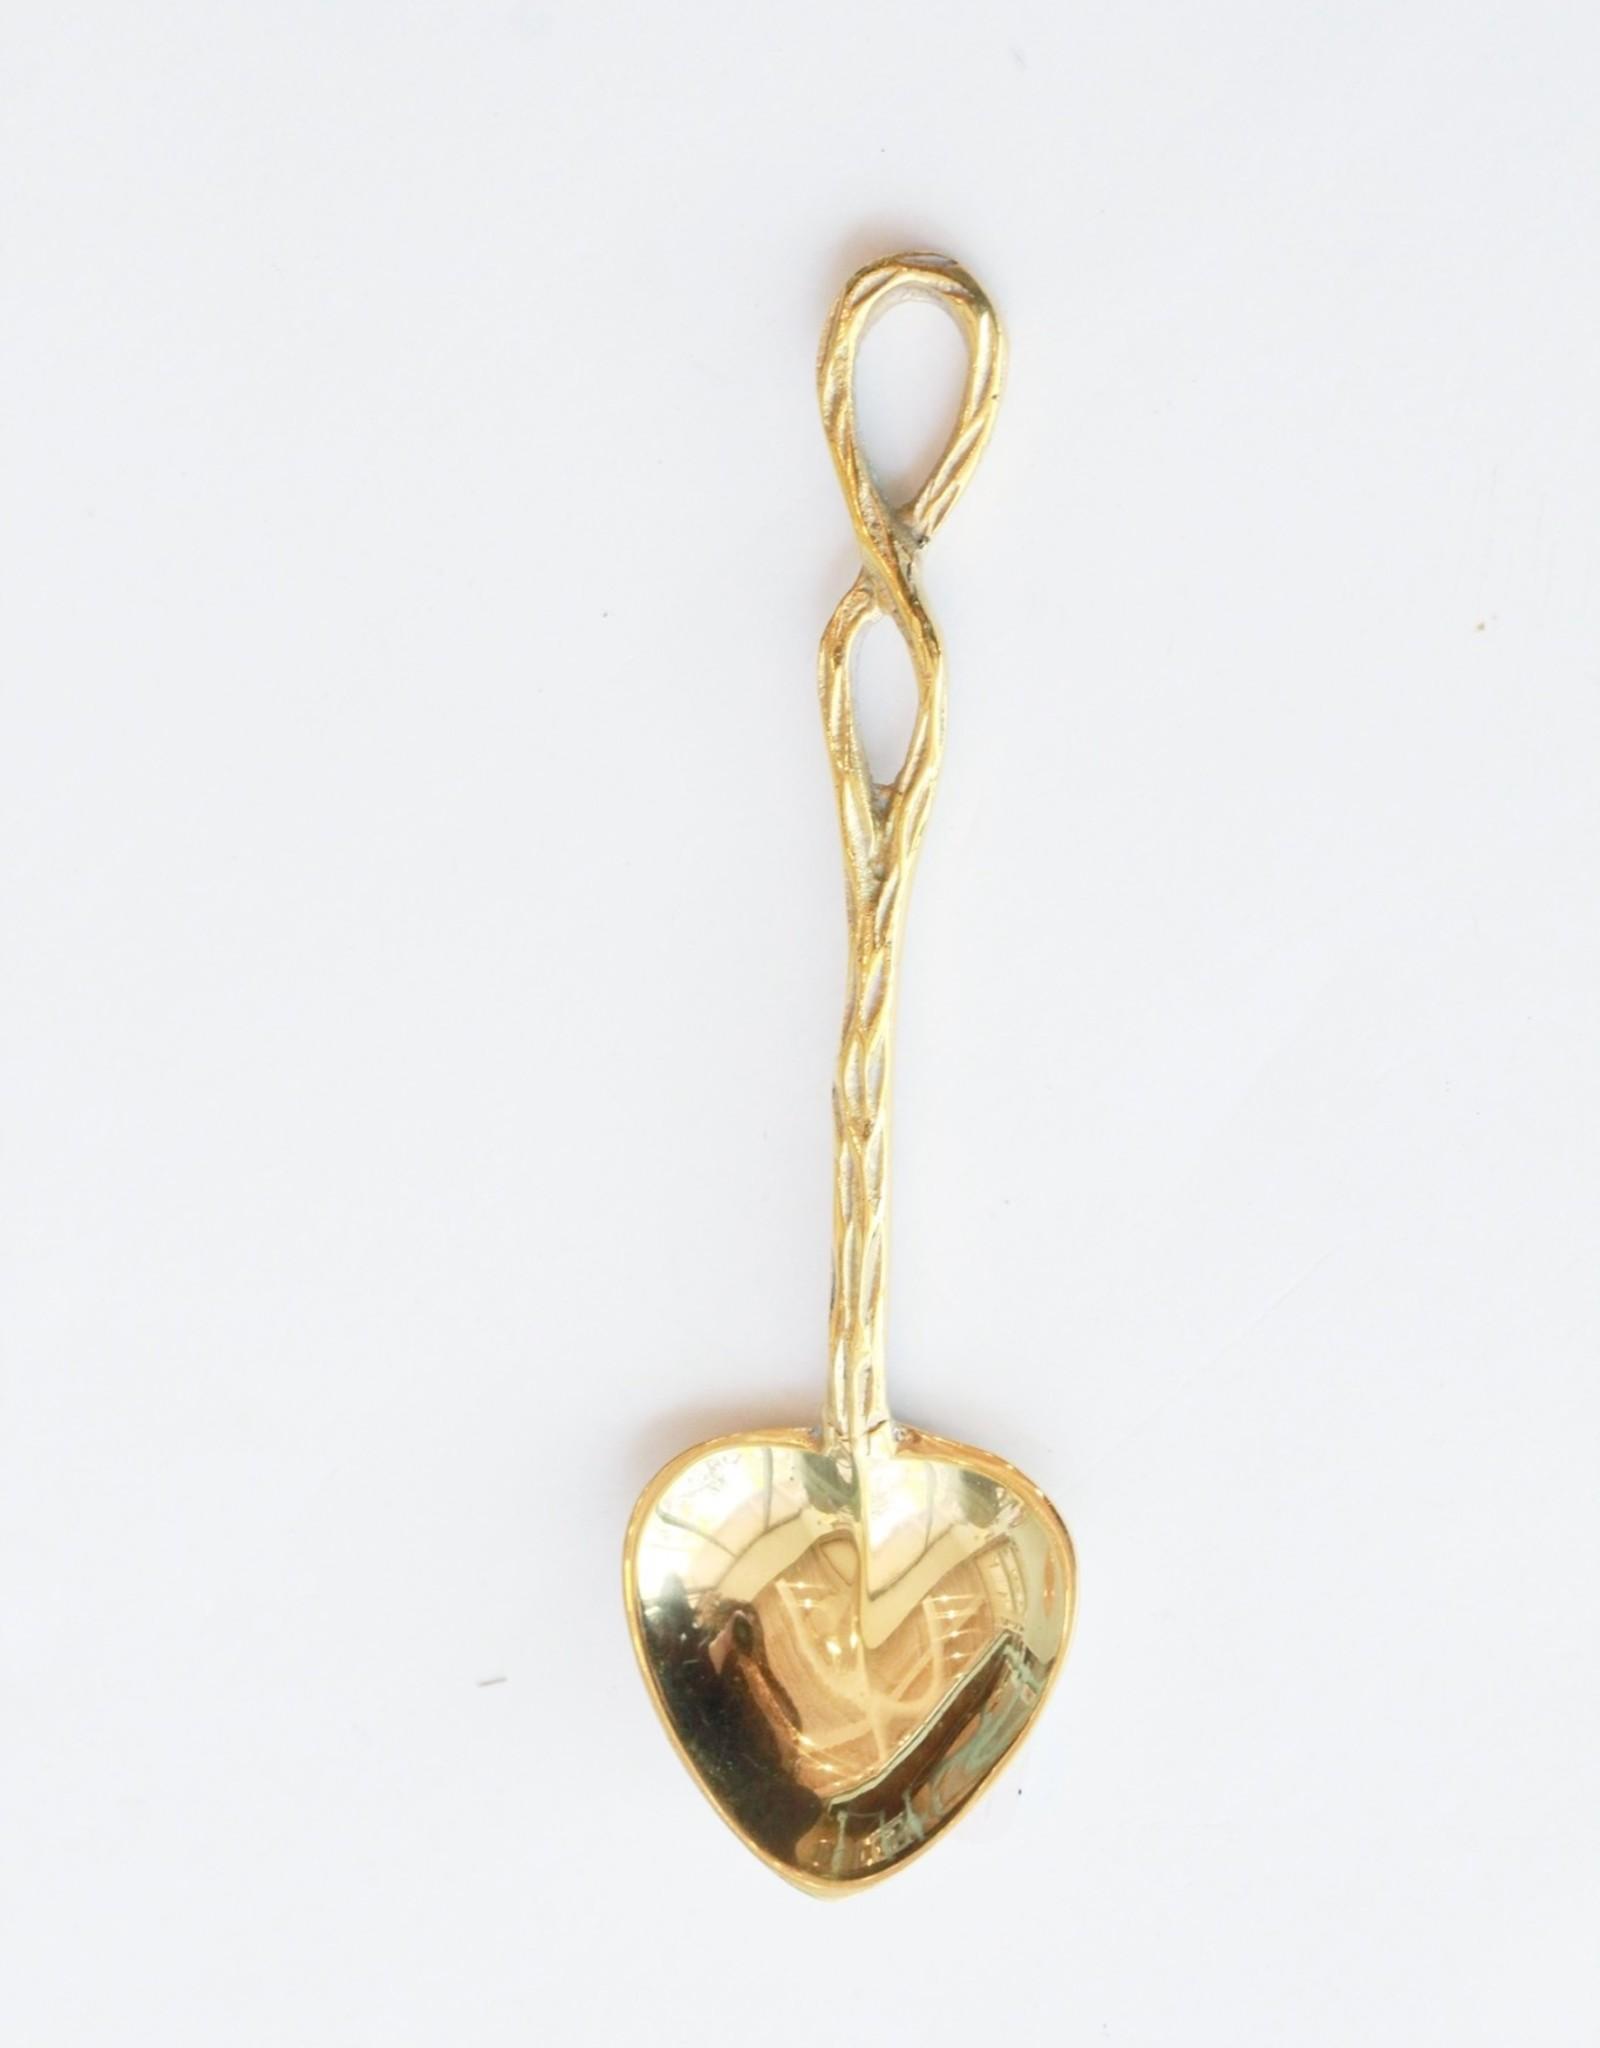 Brass Heart Spoon